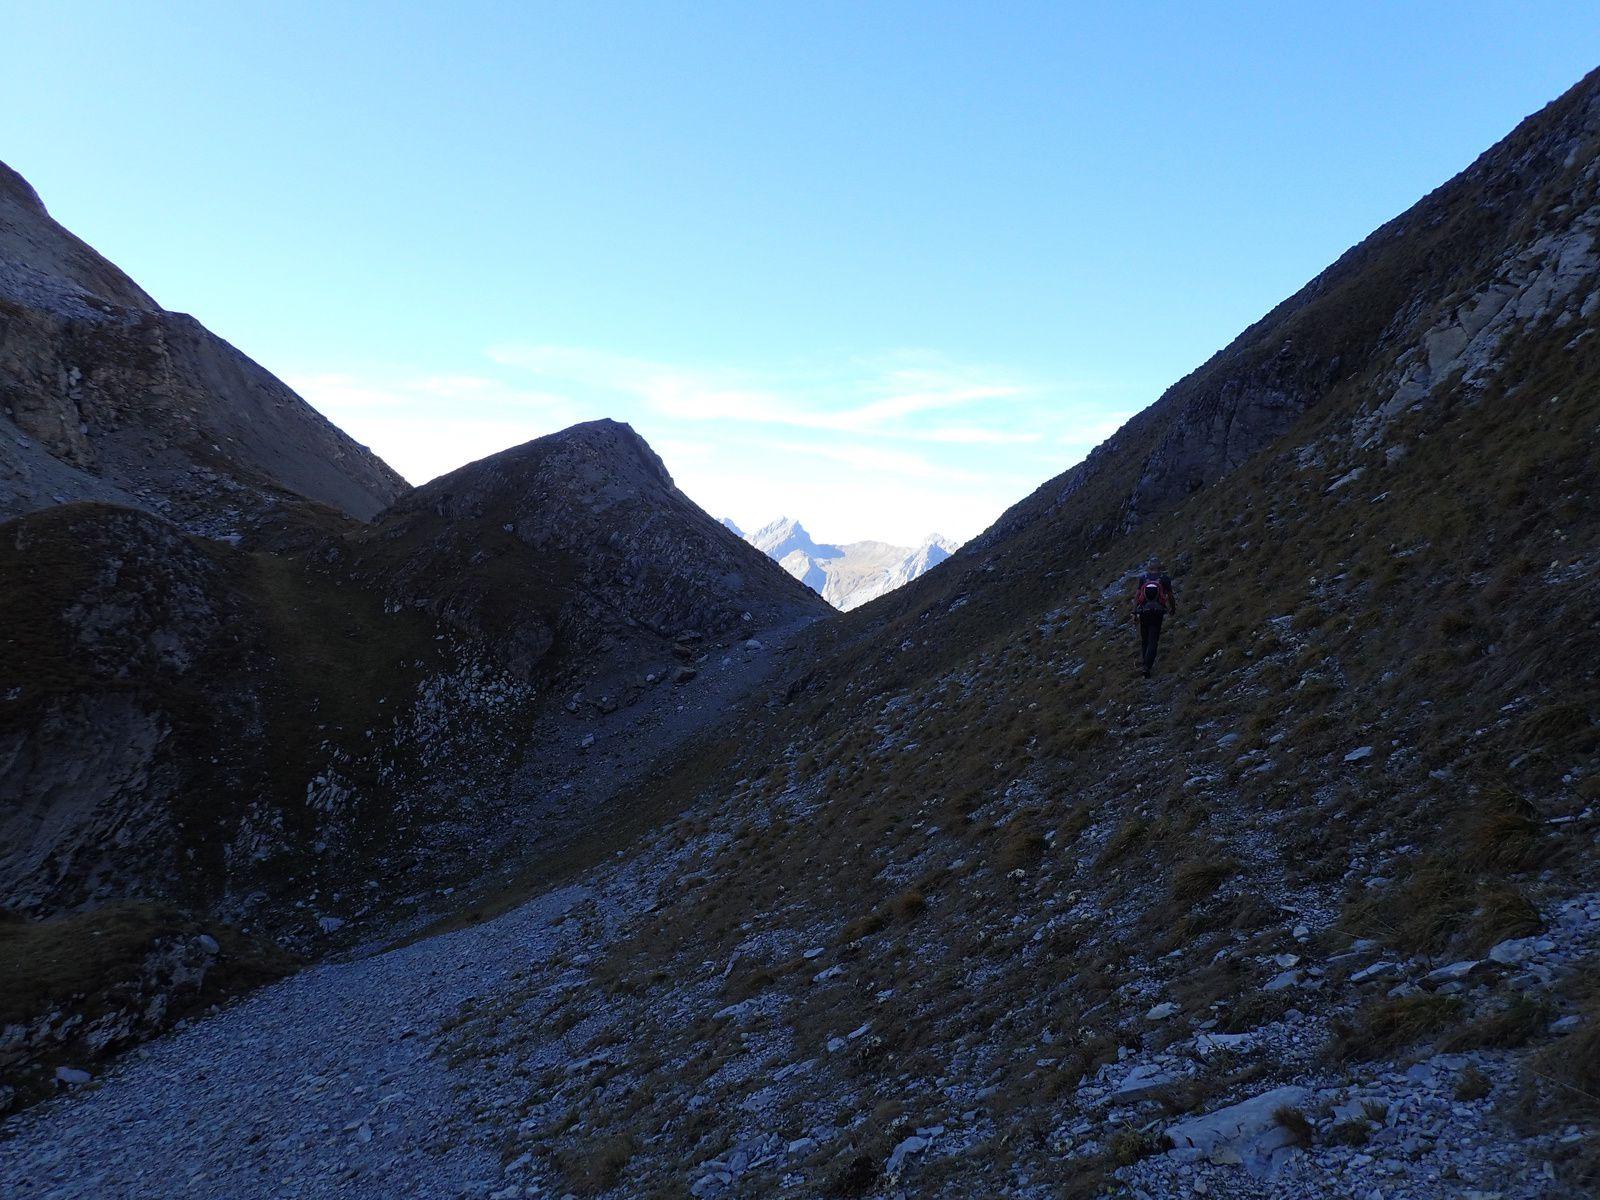 Pointes Longues - Sommet Nord: Arête nord-ouest > Couloir sud-est 2/2